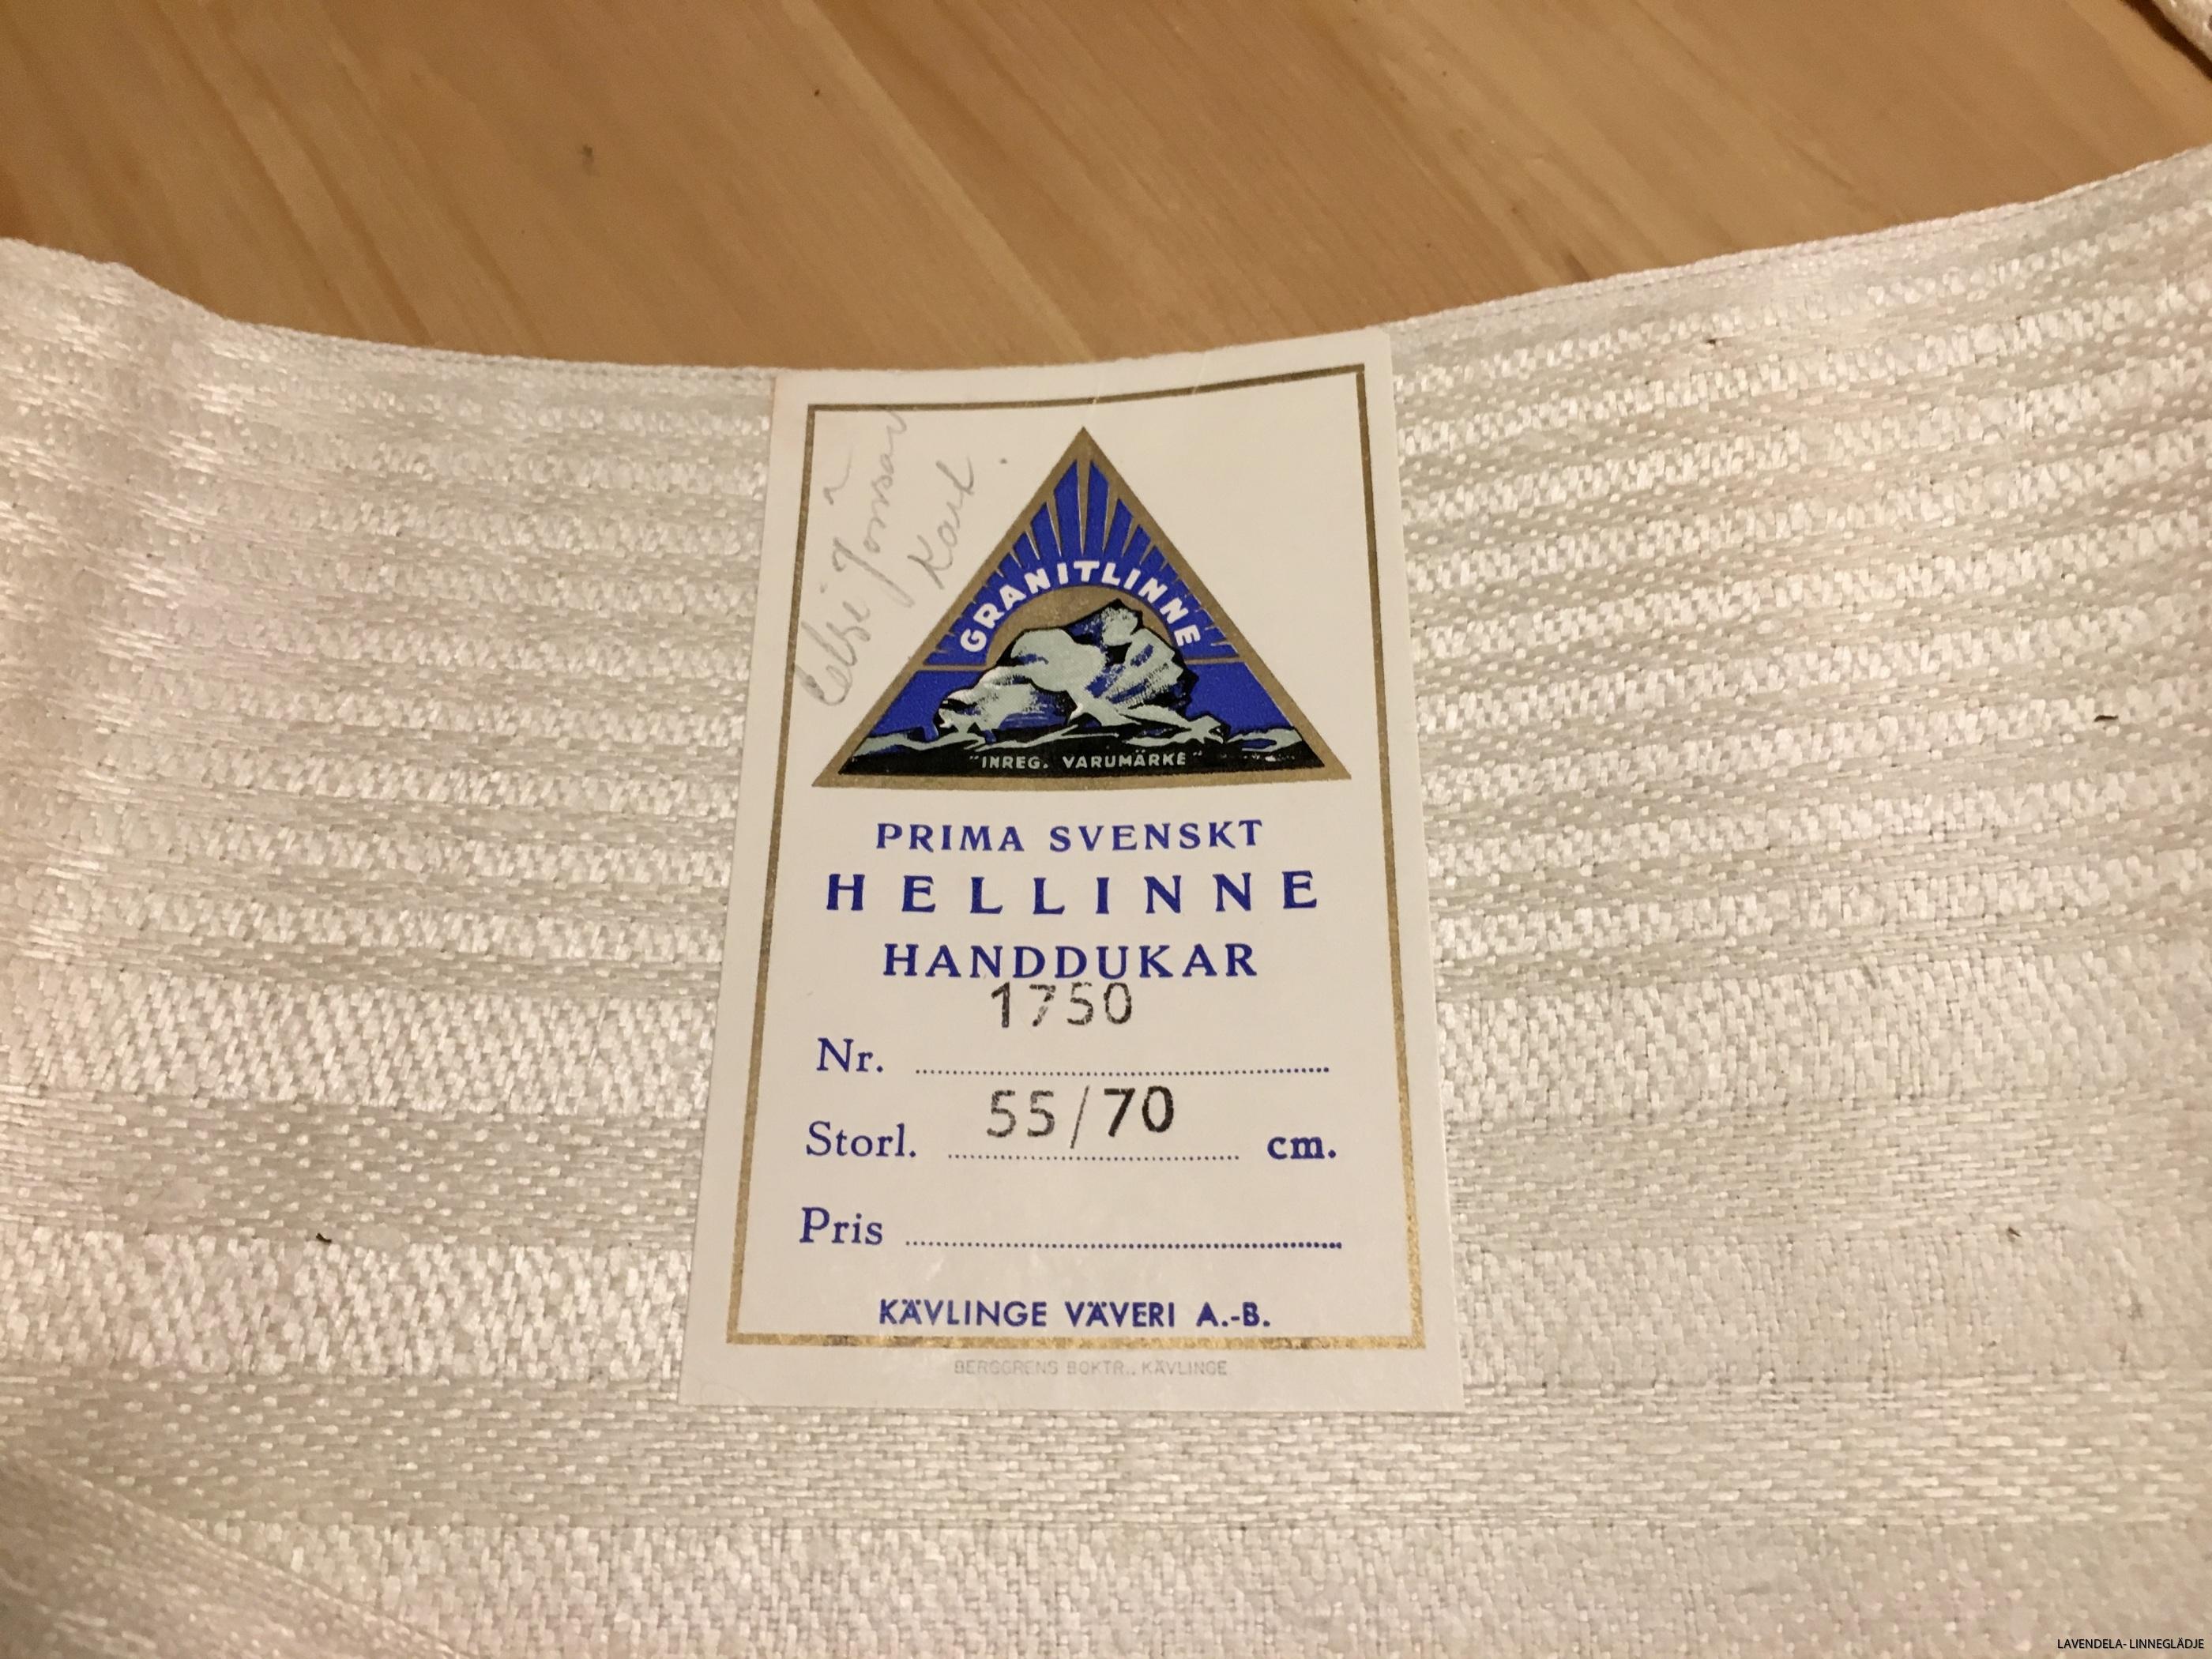 Svenskt hellinne